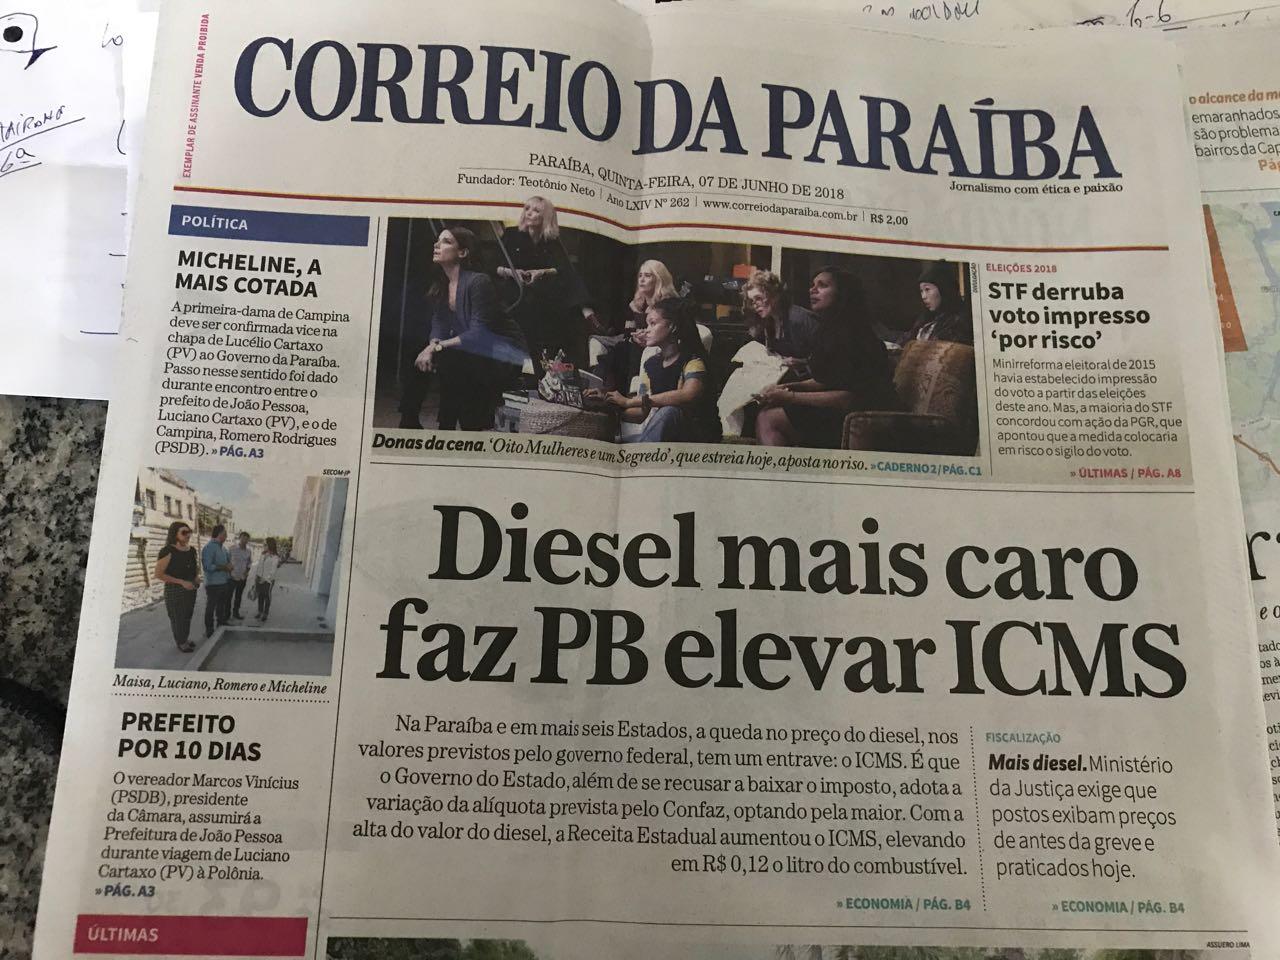 WhatsApp Image 2018 06 07 at 07.37.49 - ROBERTO JÁ ESCOLHEU UM LADO: Sistema Correio abre as 'baterias' contra o Governo Ricardo Coutinho